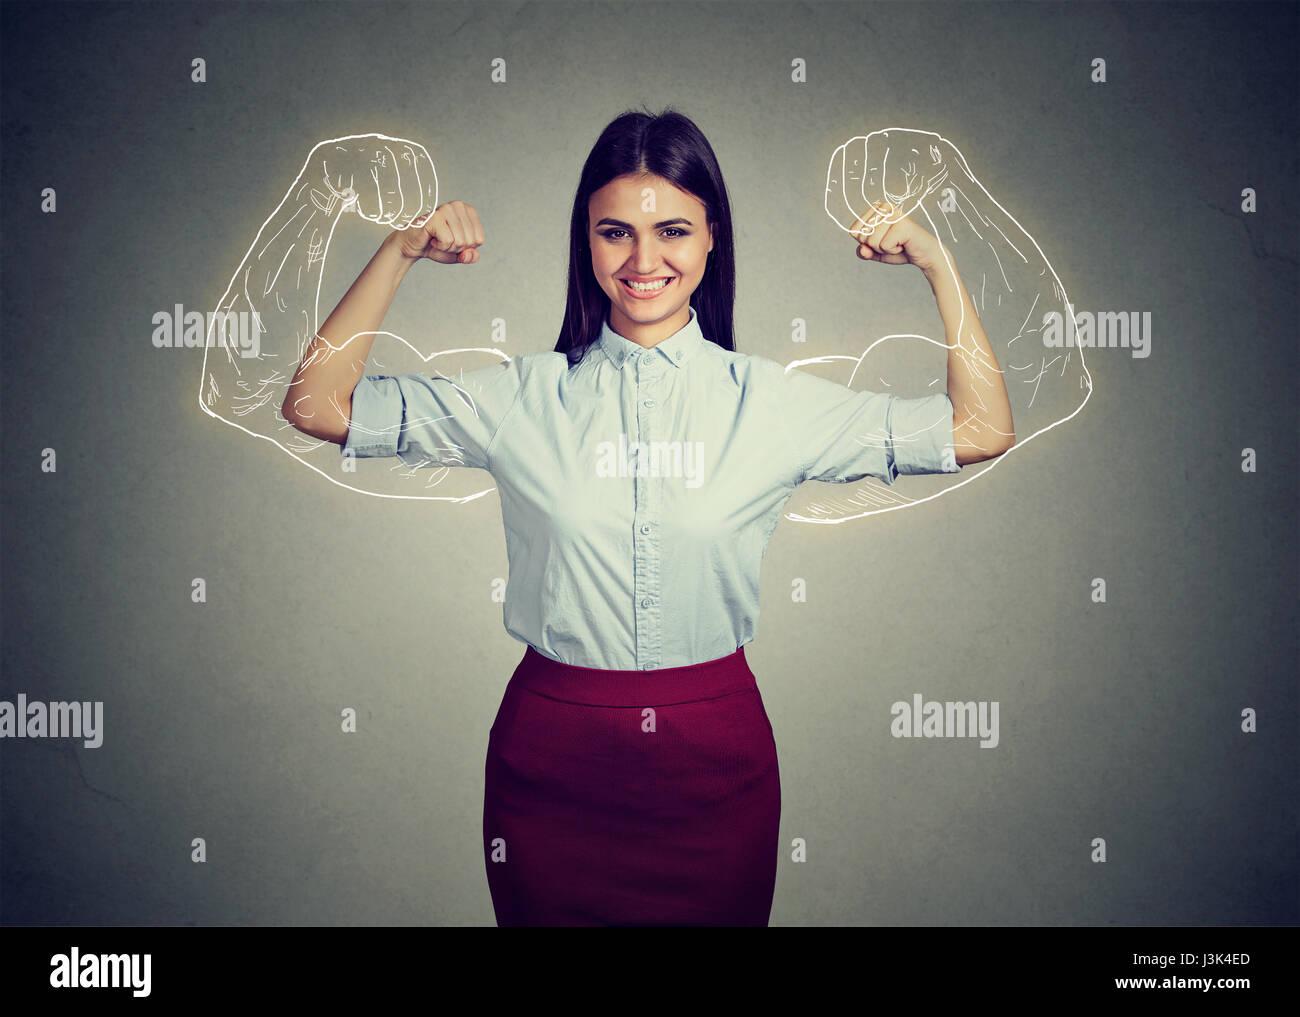 Confiants puissant woman flexing muscles isolé sur fond de mur gris. Visage humain expressions, émotions Photo Stock